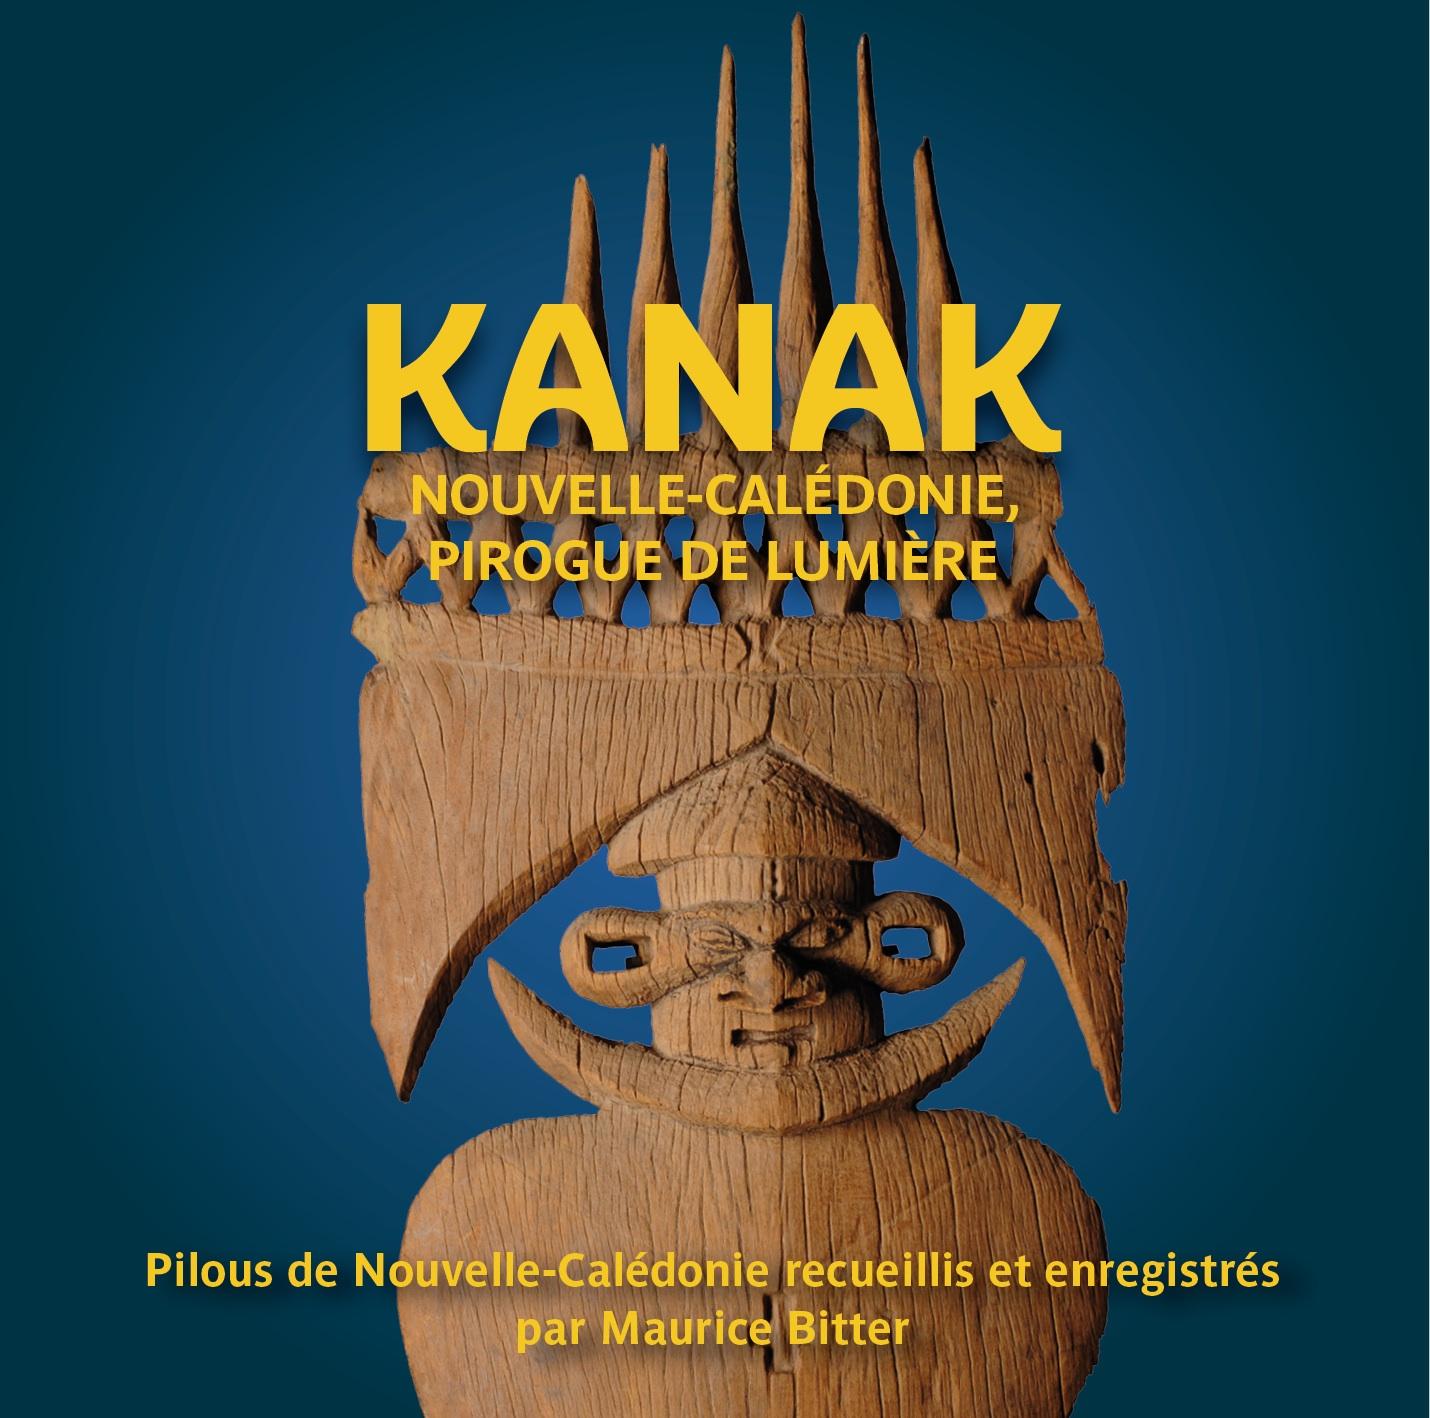 Kanak - Nouvelle Calédonie, Pirogue de Lumière